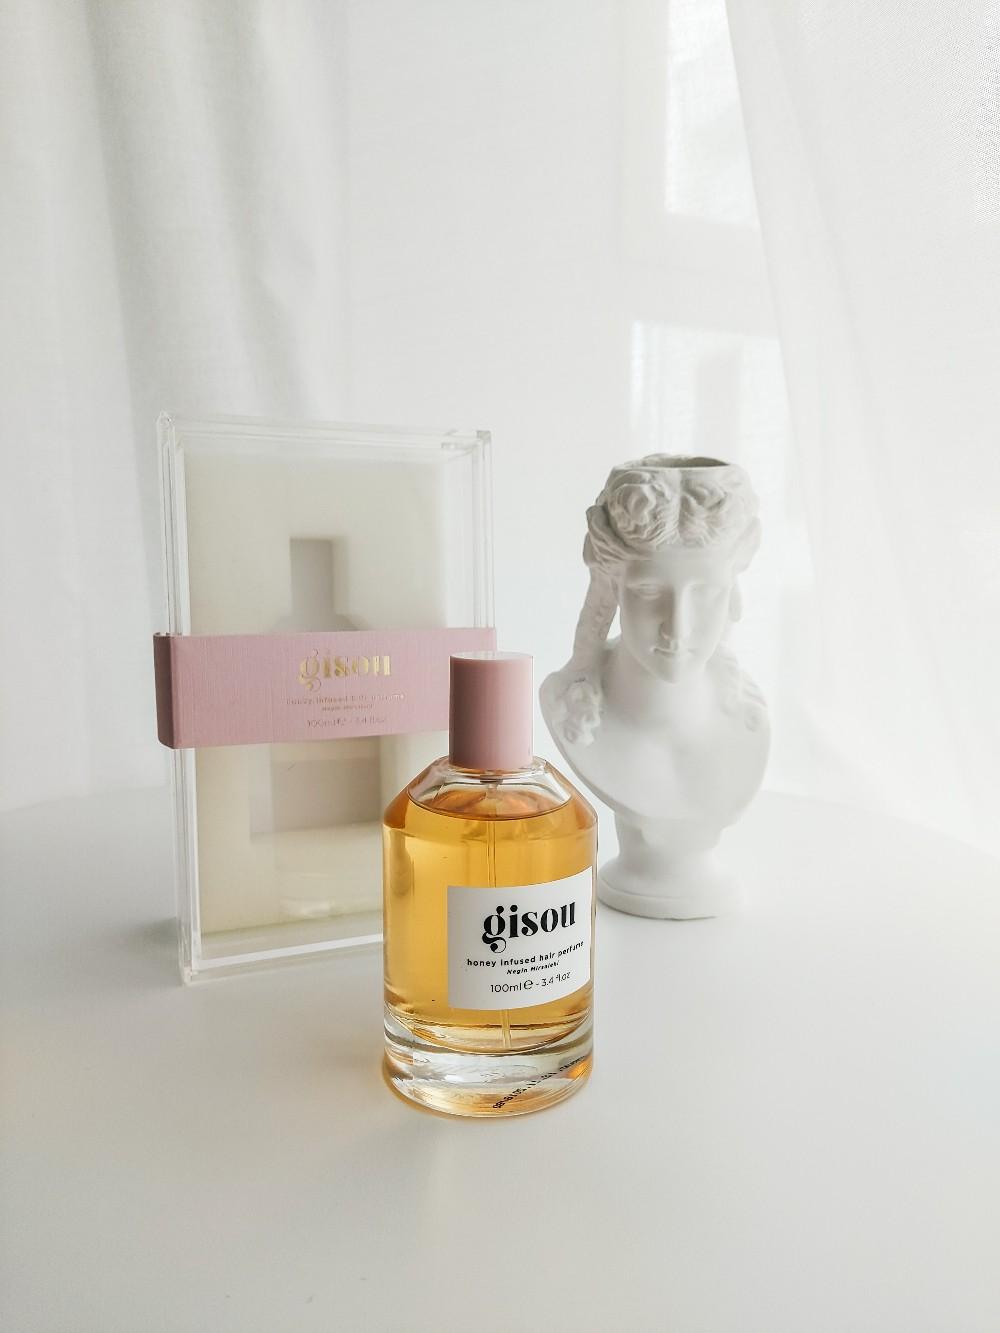 Gisou Hair Perfume Review